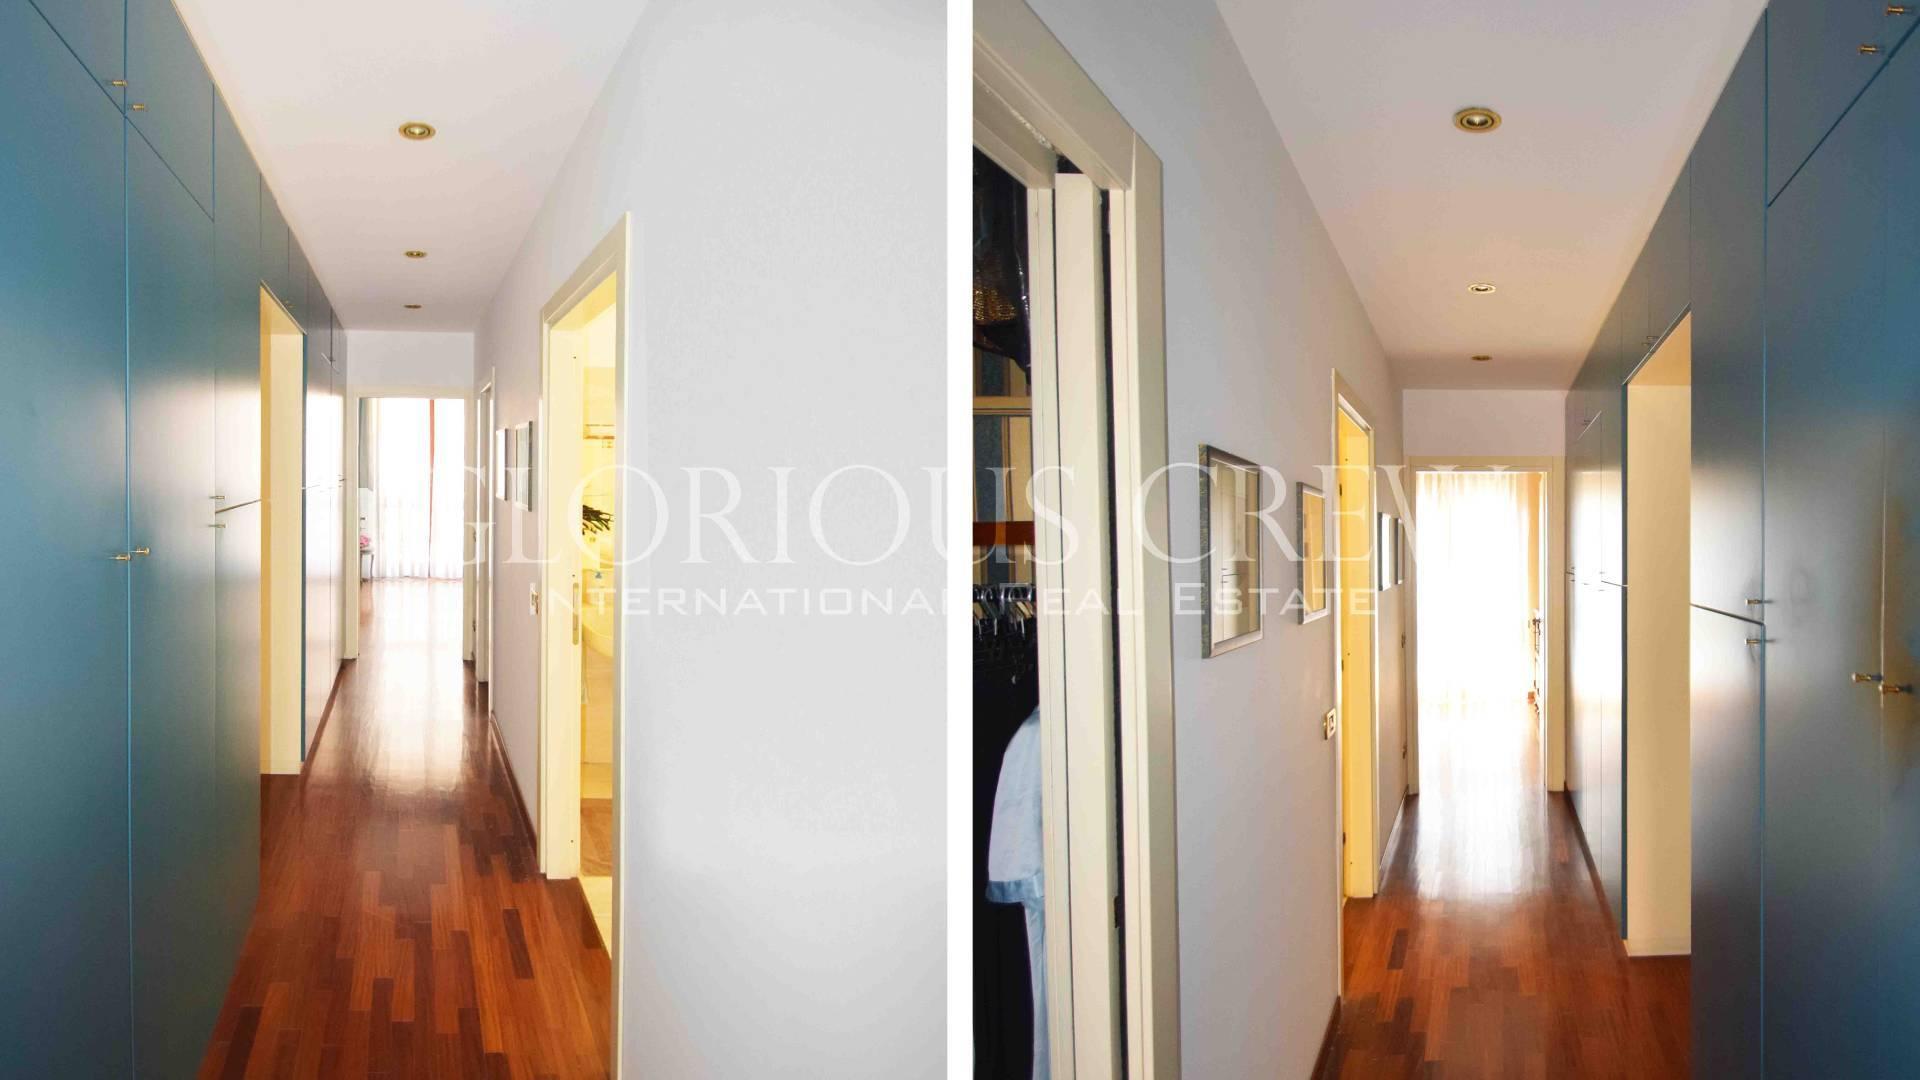 Appartamento in Vendita a Milano: 3 locali, 133 mq - Foto 14